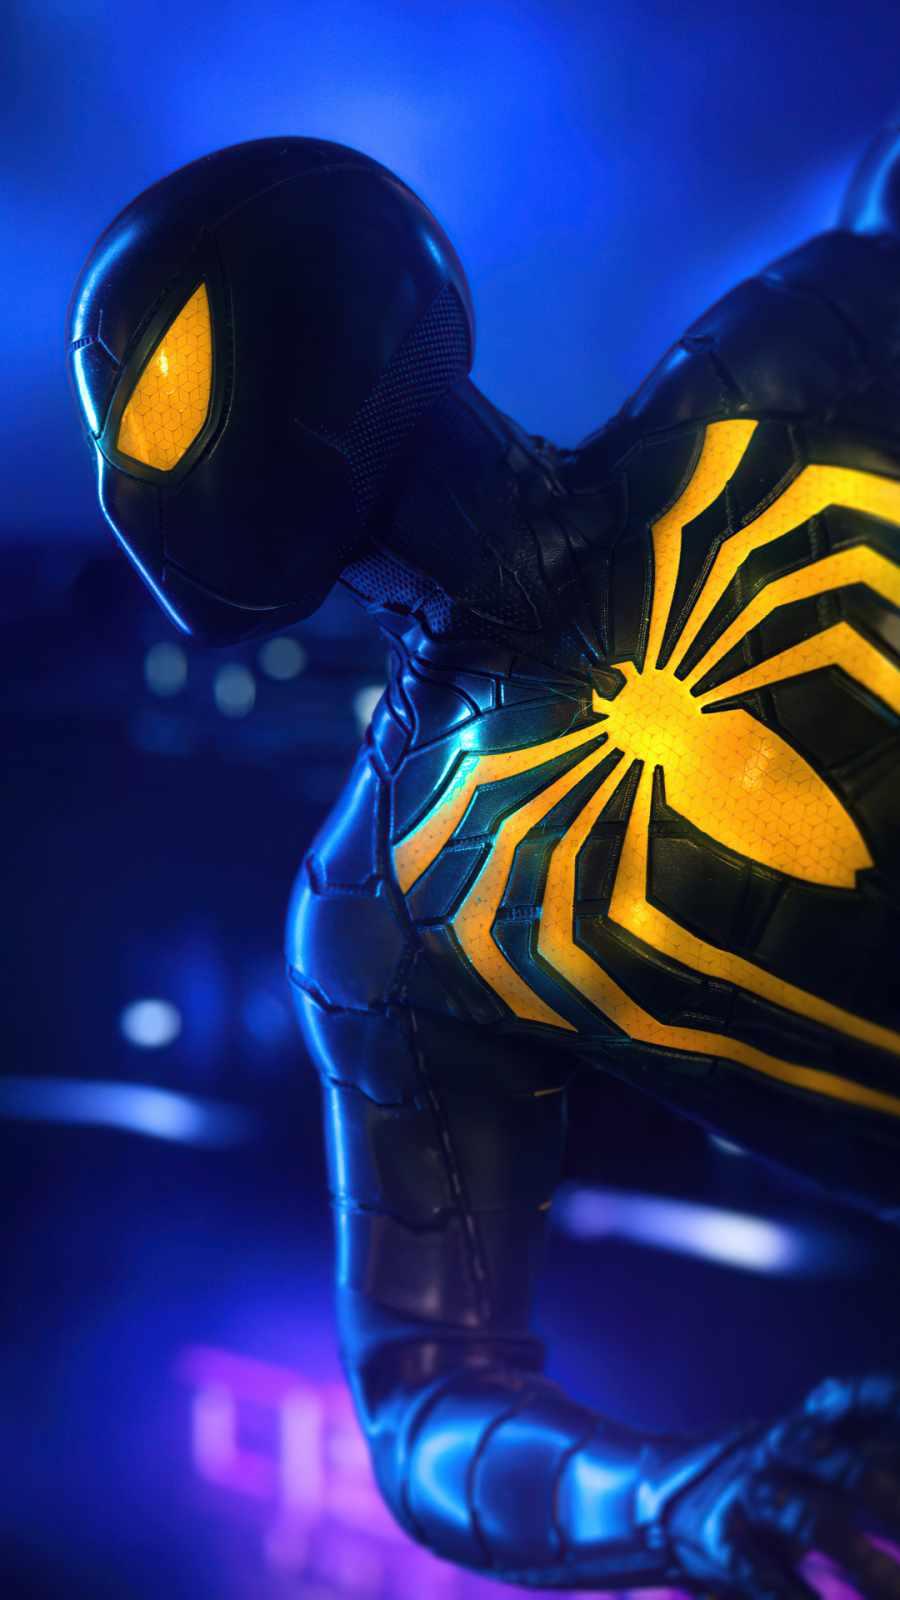 spider man Future Suit